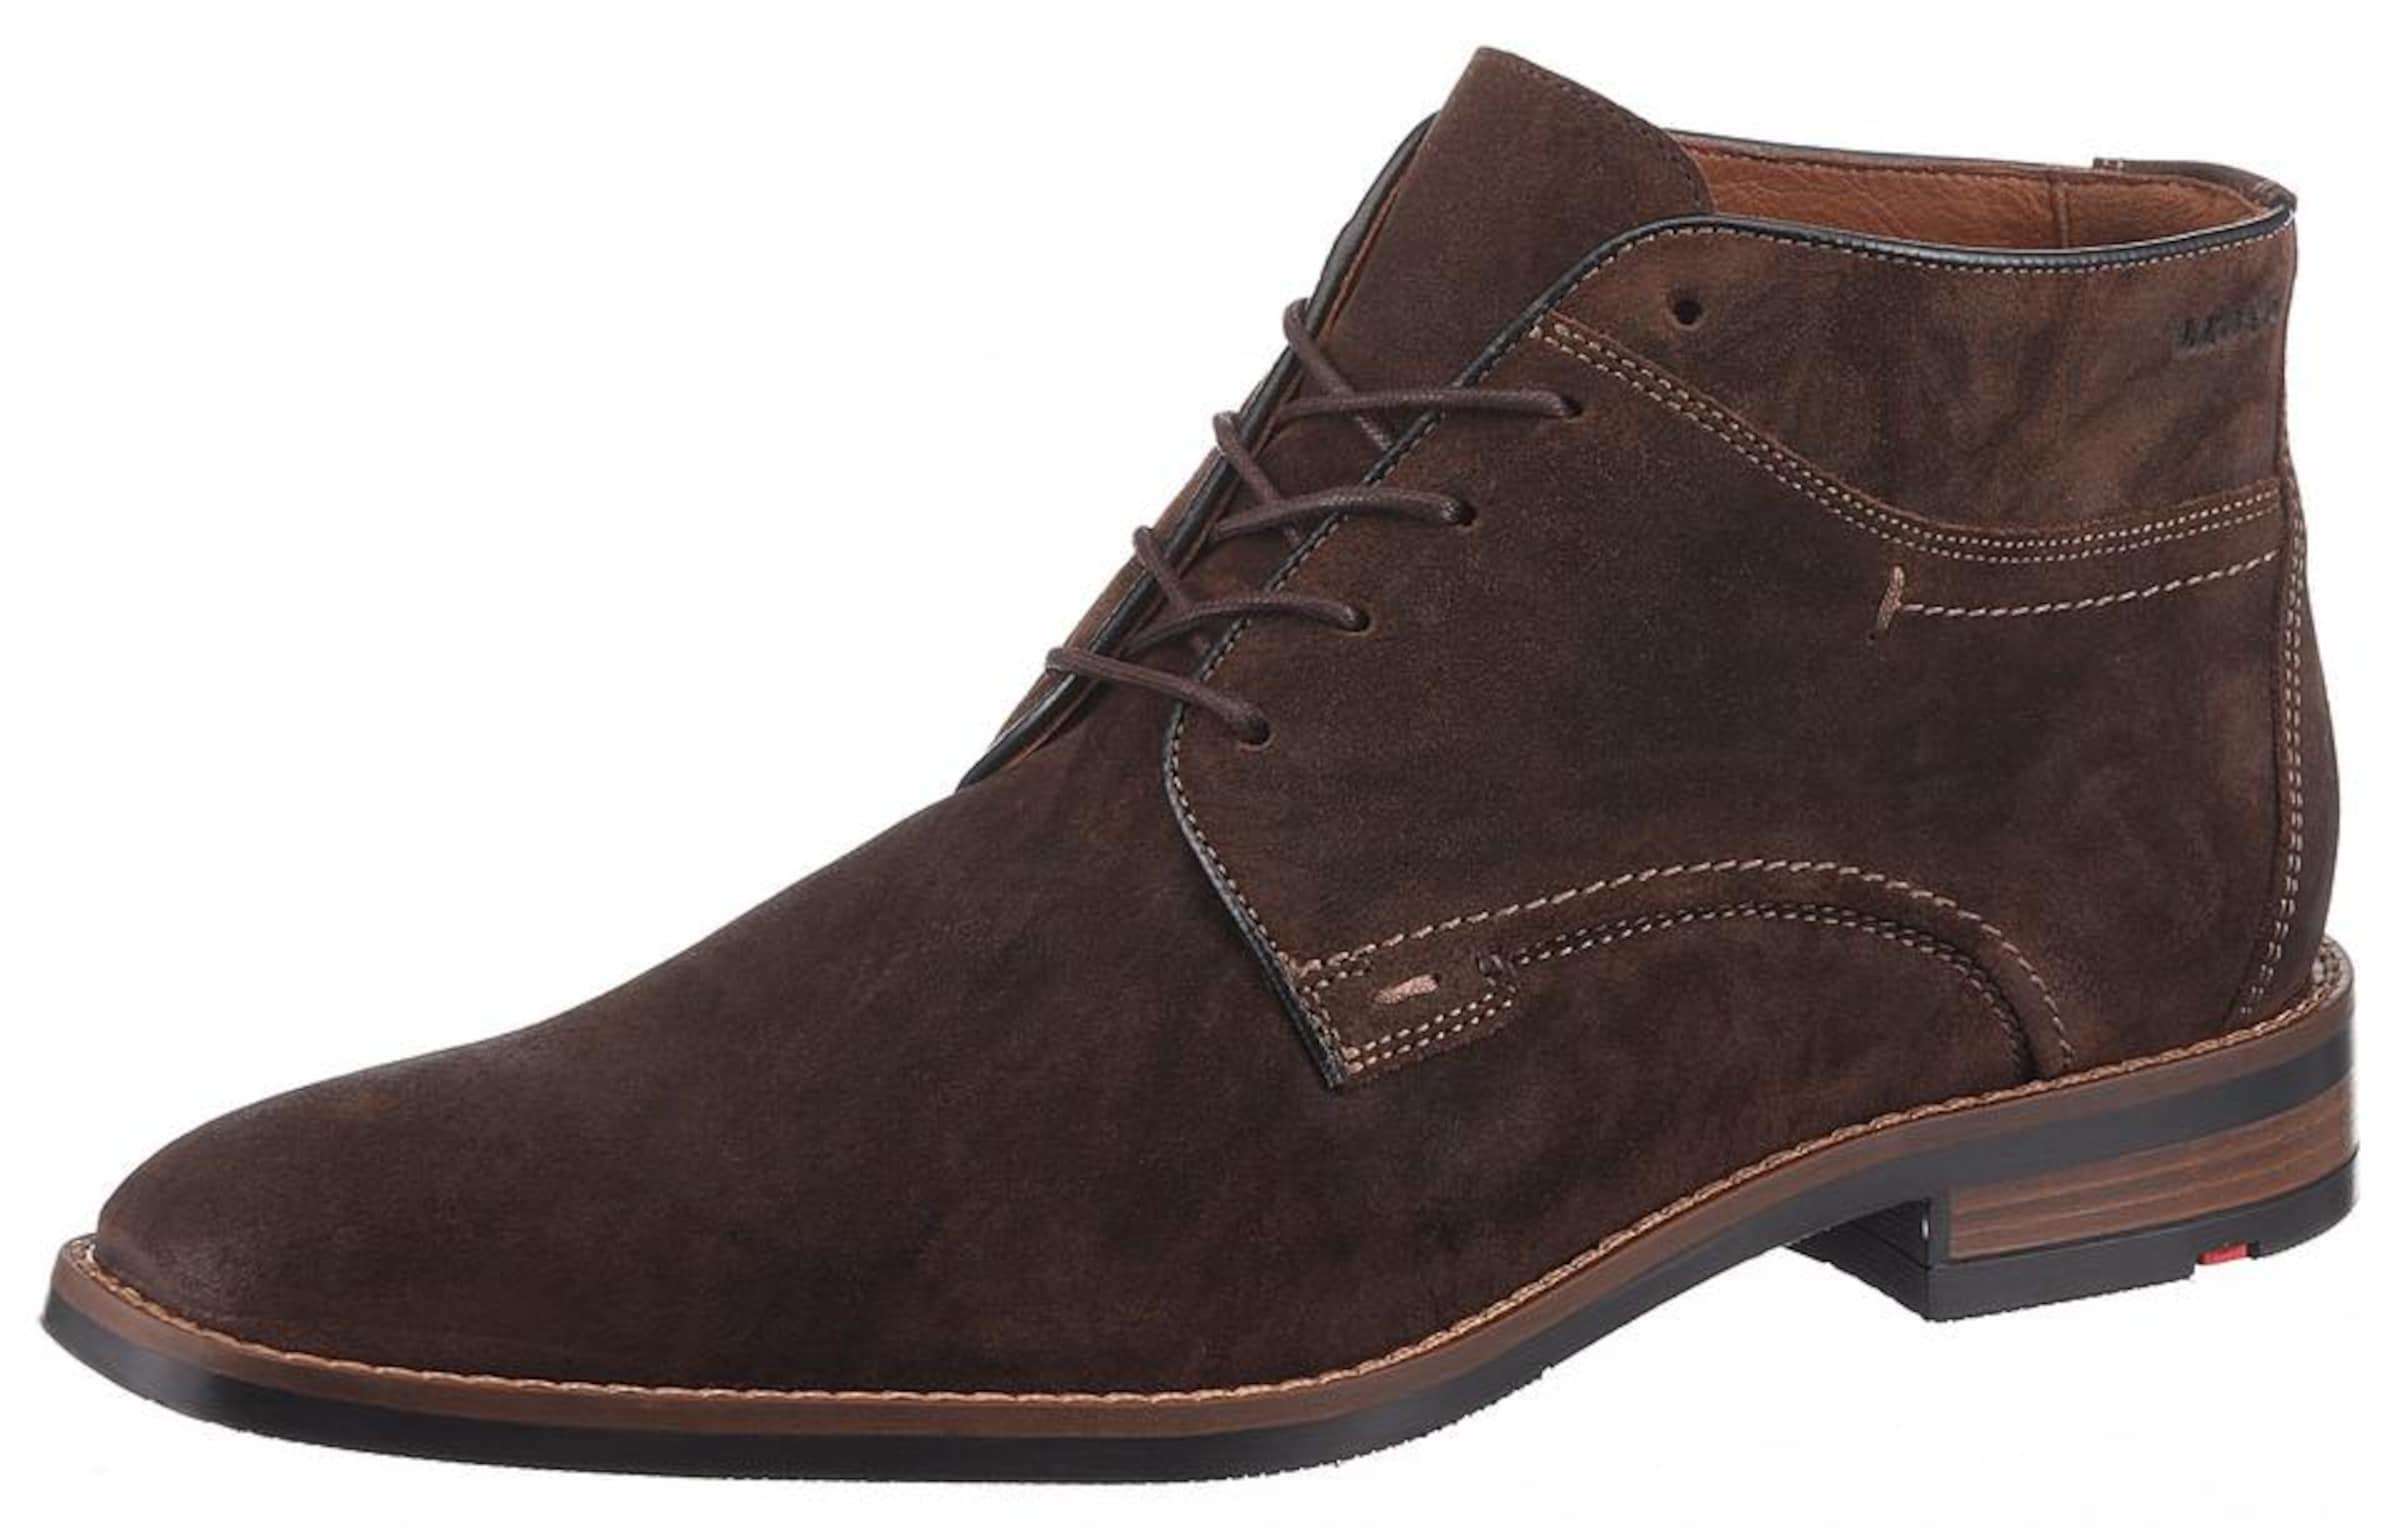 LLOYD Schnürstiefelette Stanley Verschleißfeste billige Schuhe